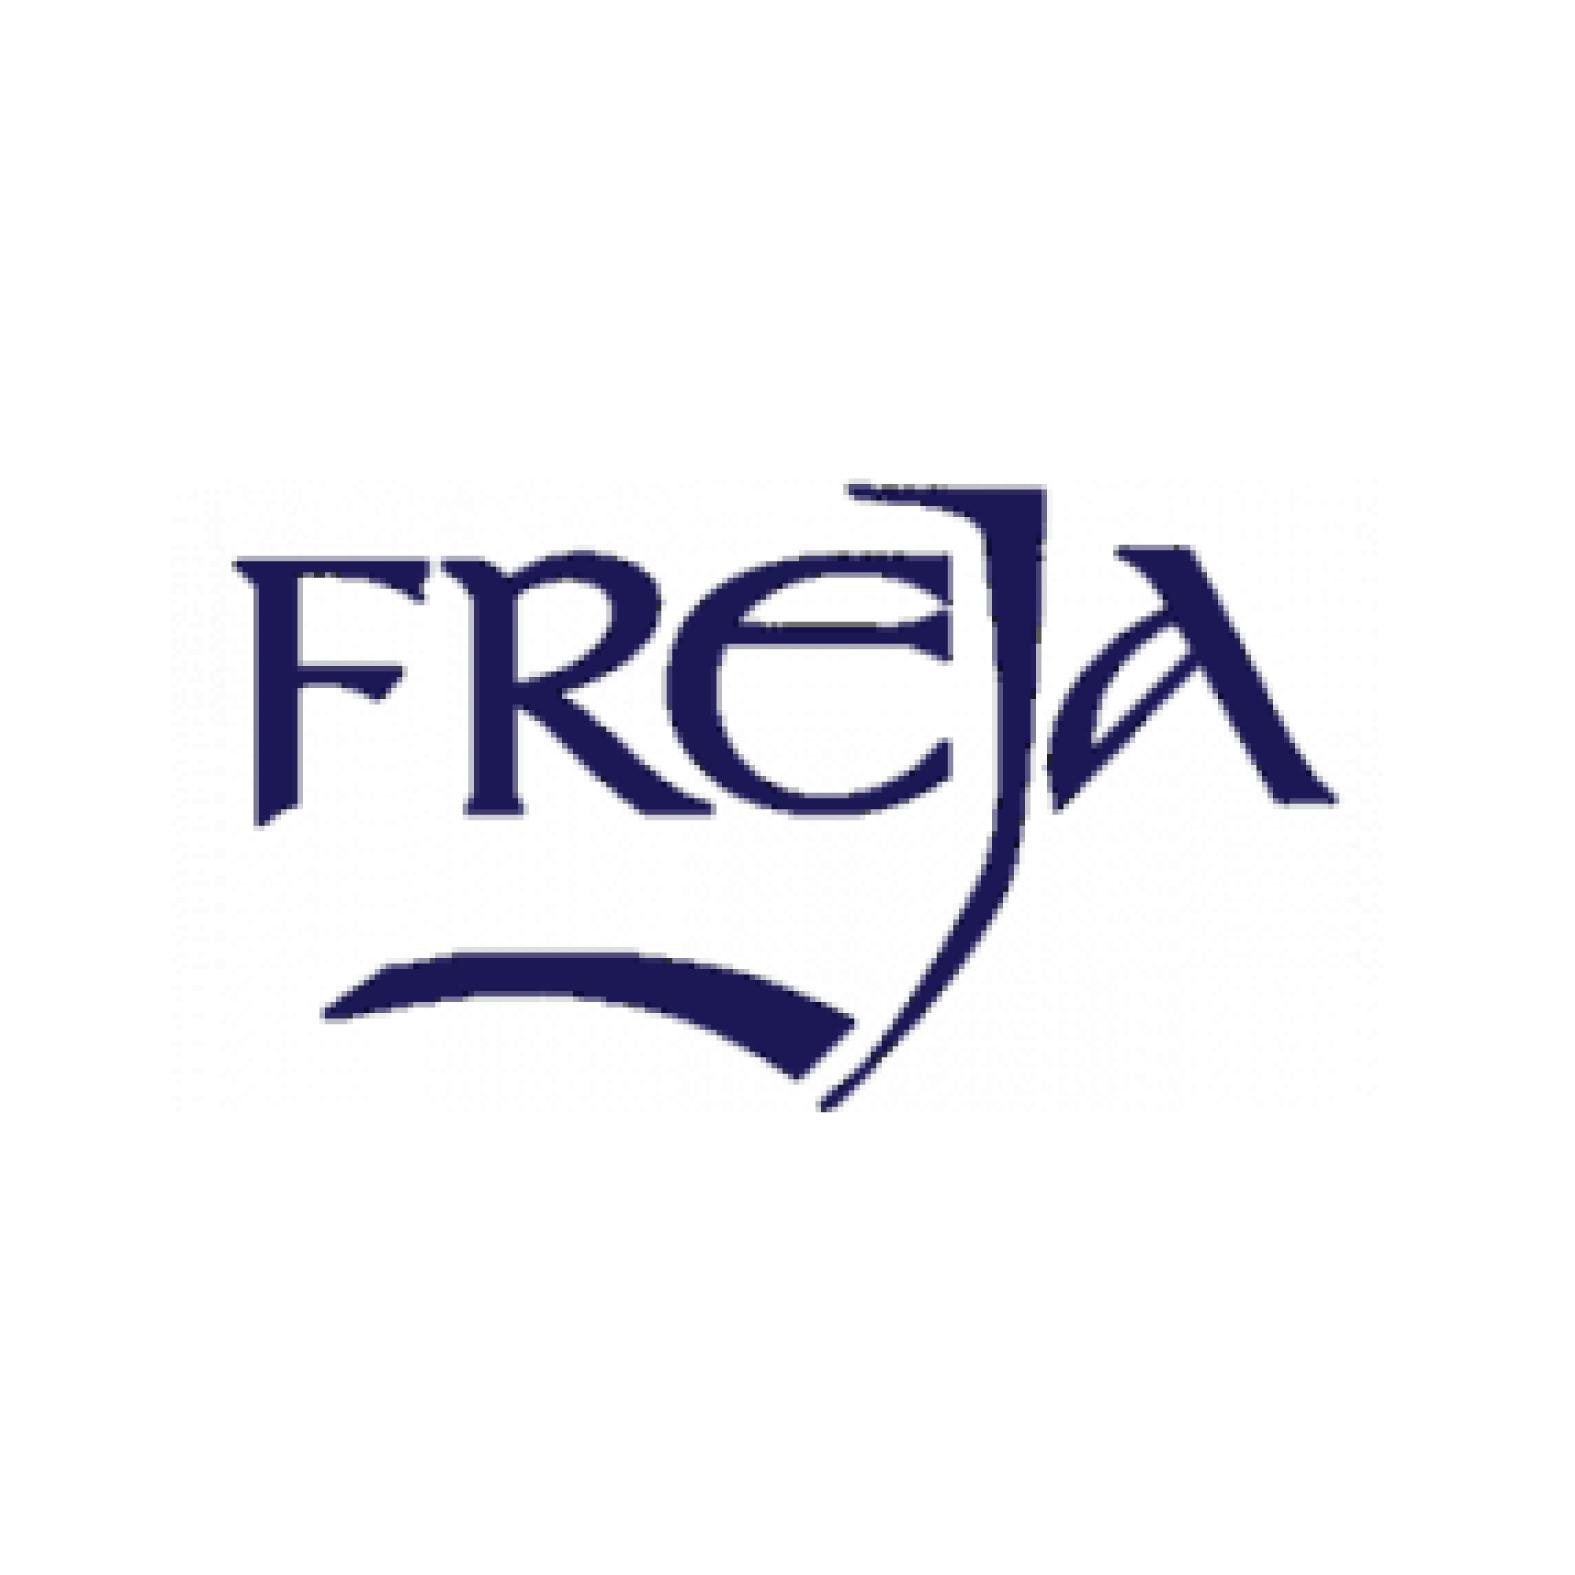 Freja-01.jpg